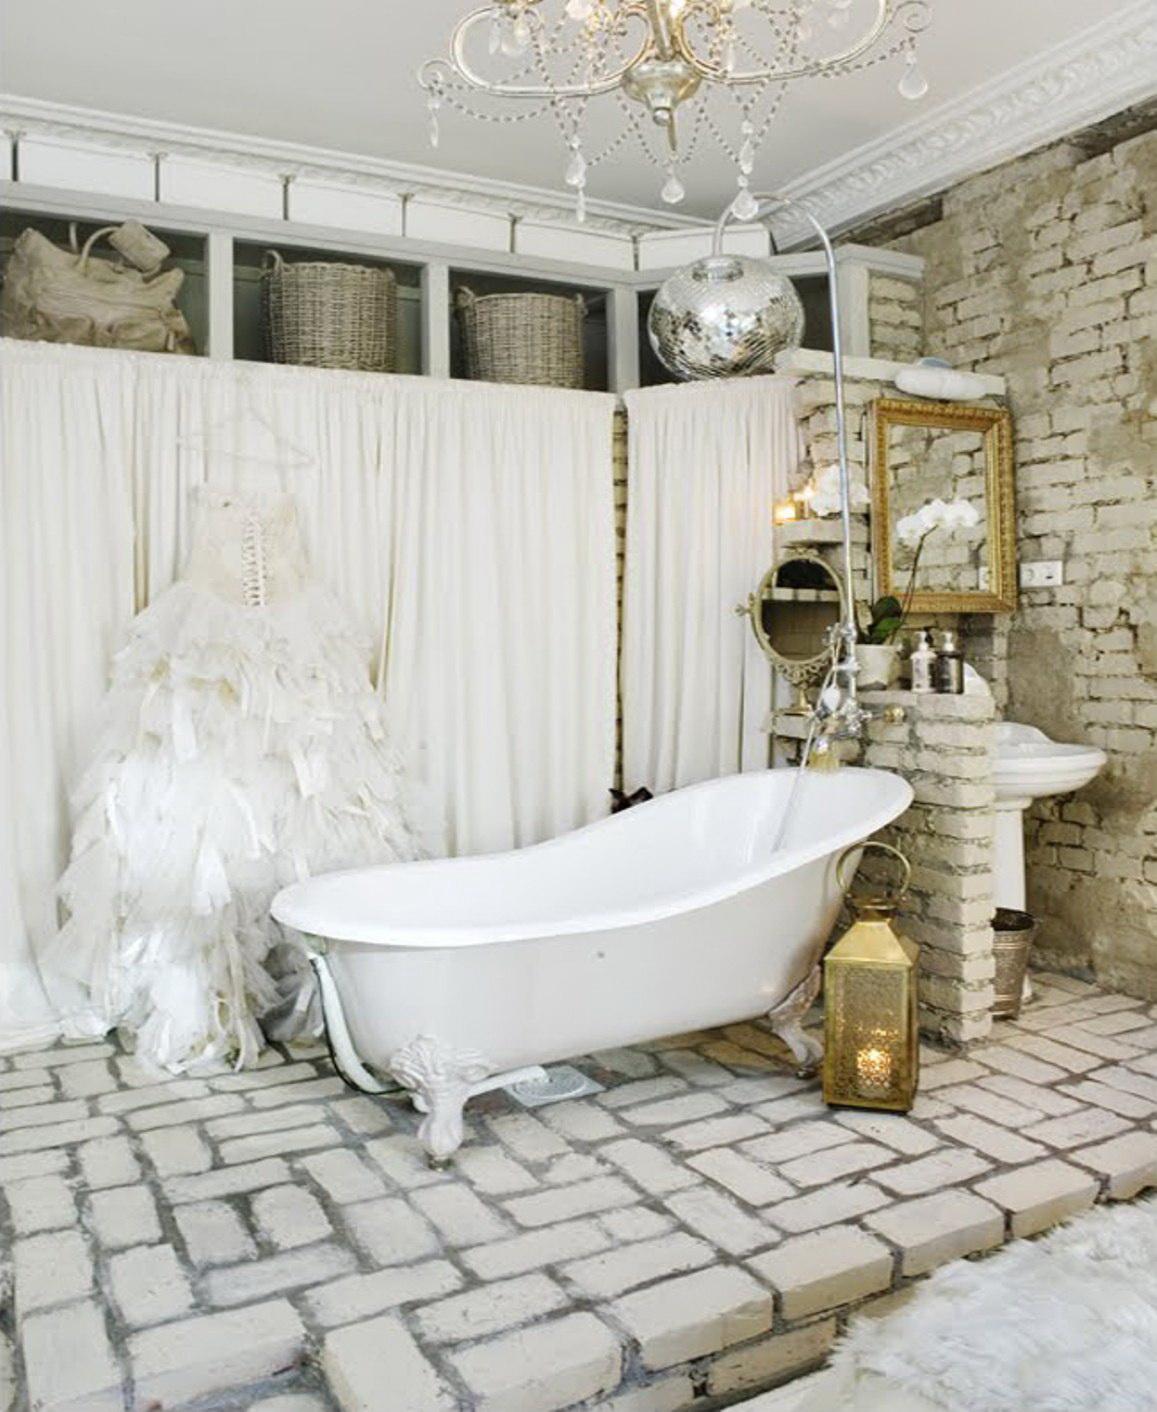 small-vintage-bathroom-ideas (25)